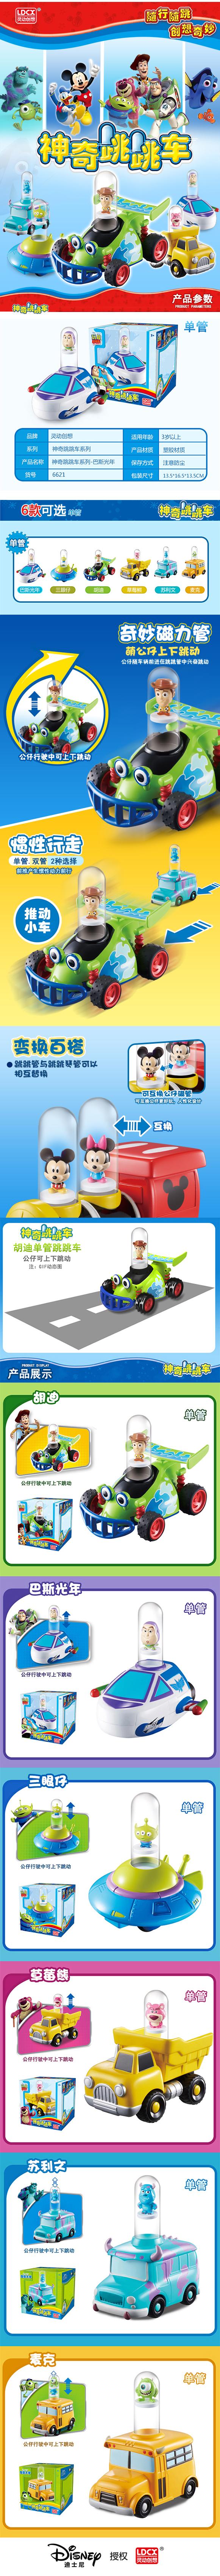 3.产品介绍:灵动迪士尼神奇跳跳车.jpg